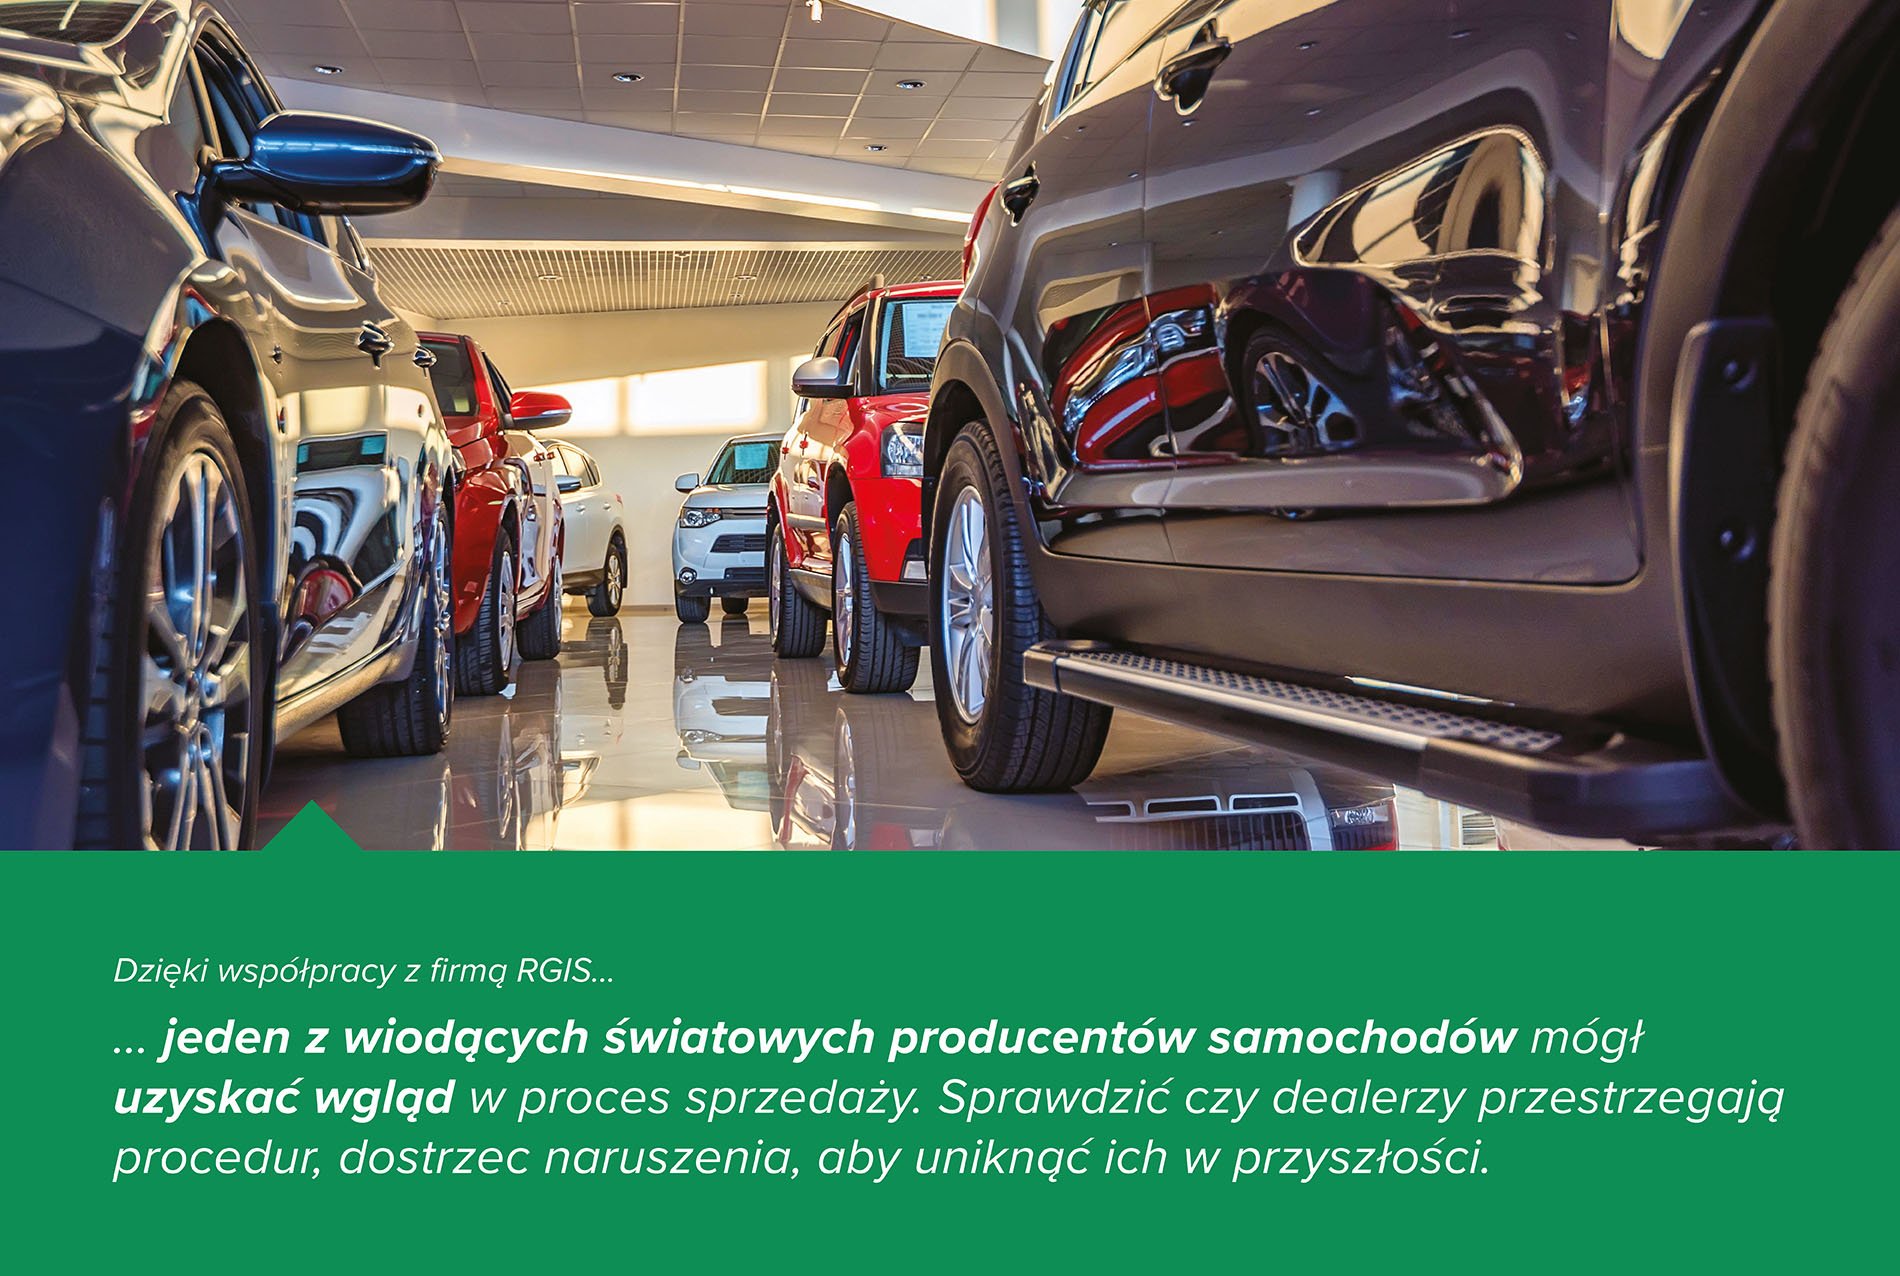 Studium przypadku RGIS dotyczące usługi audytu pośrednictwa pojazdów